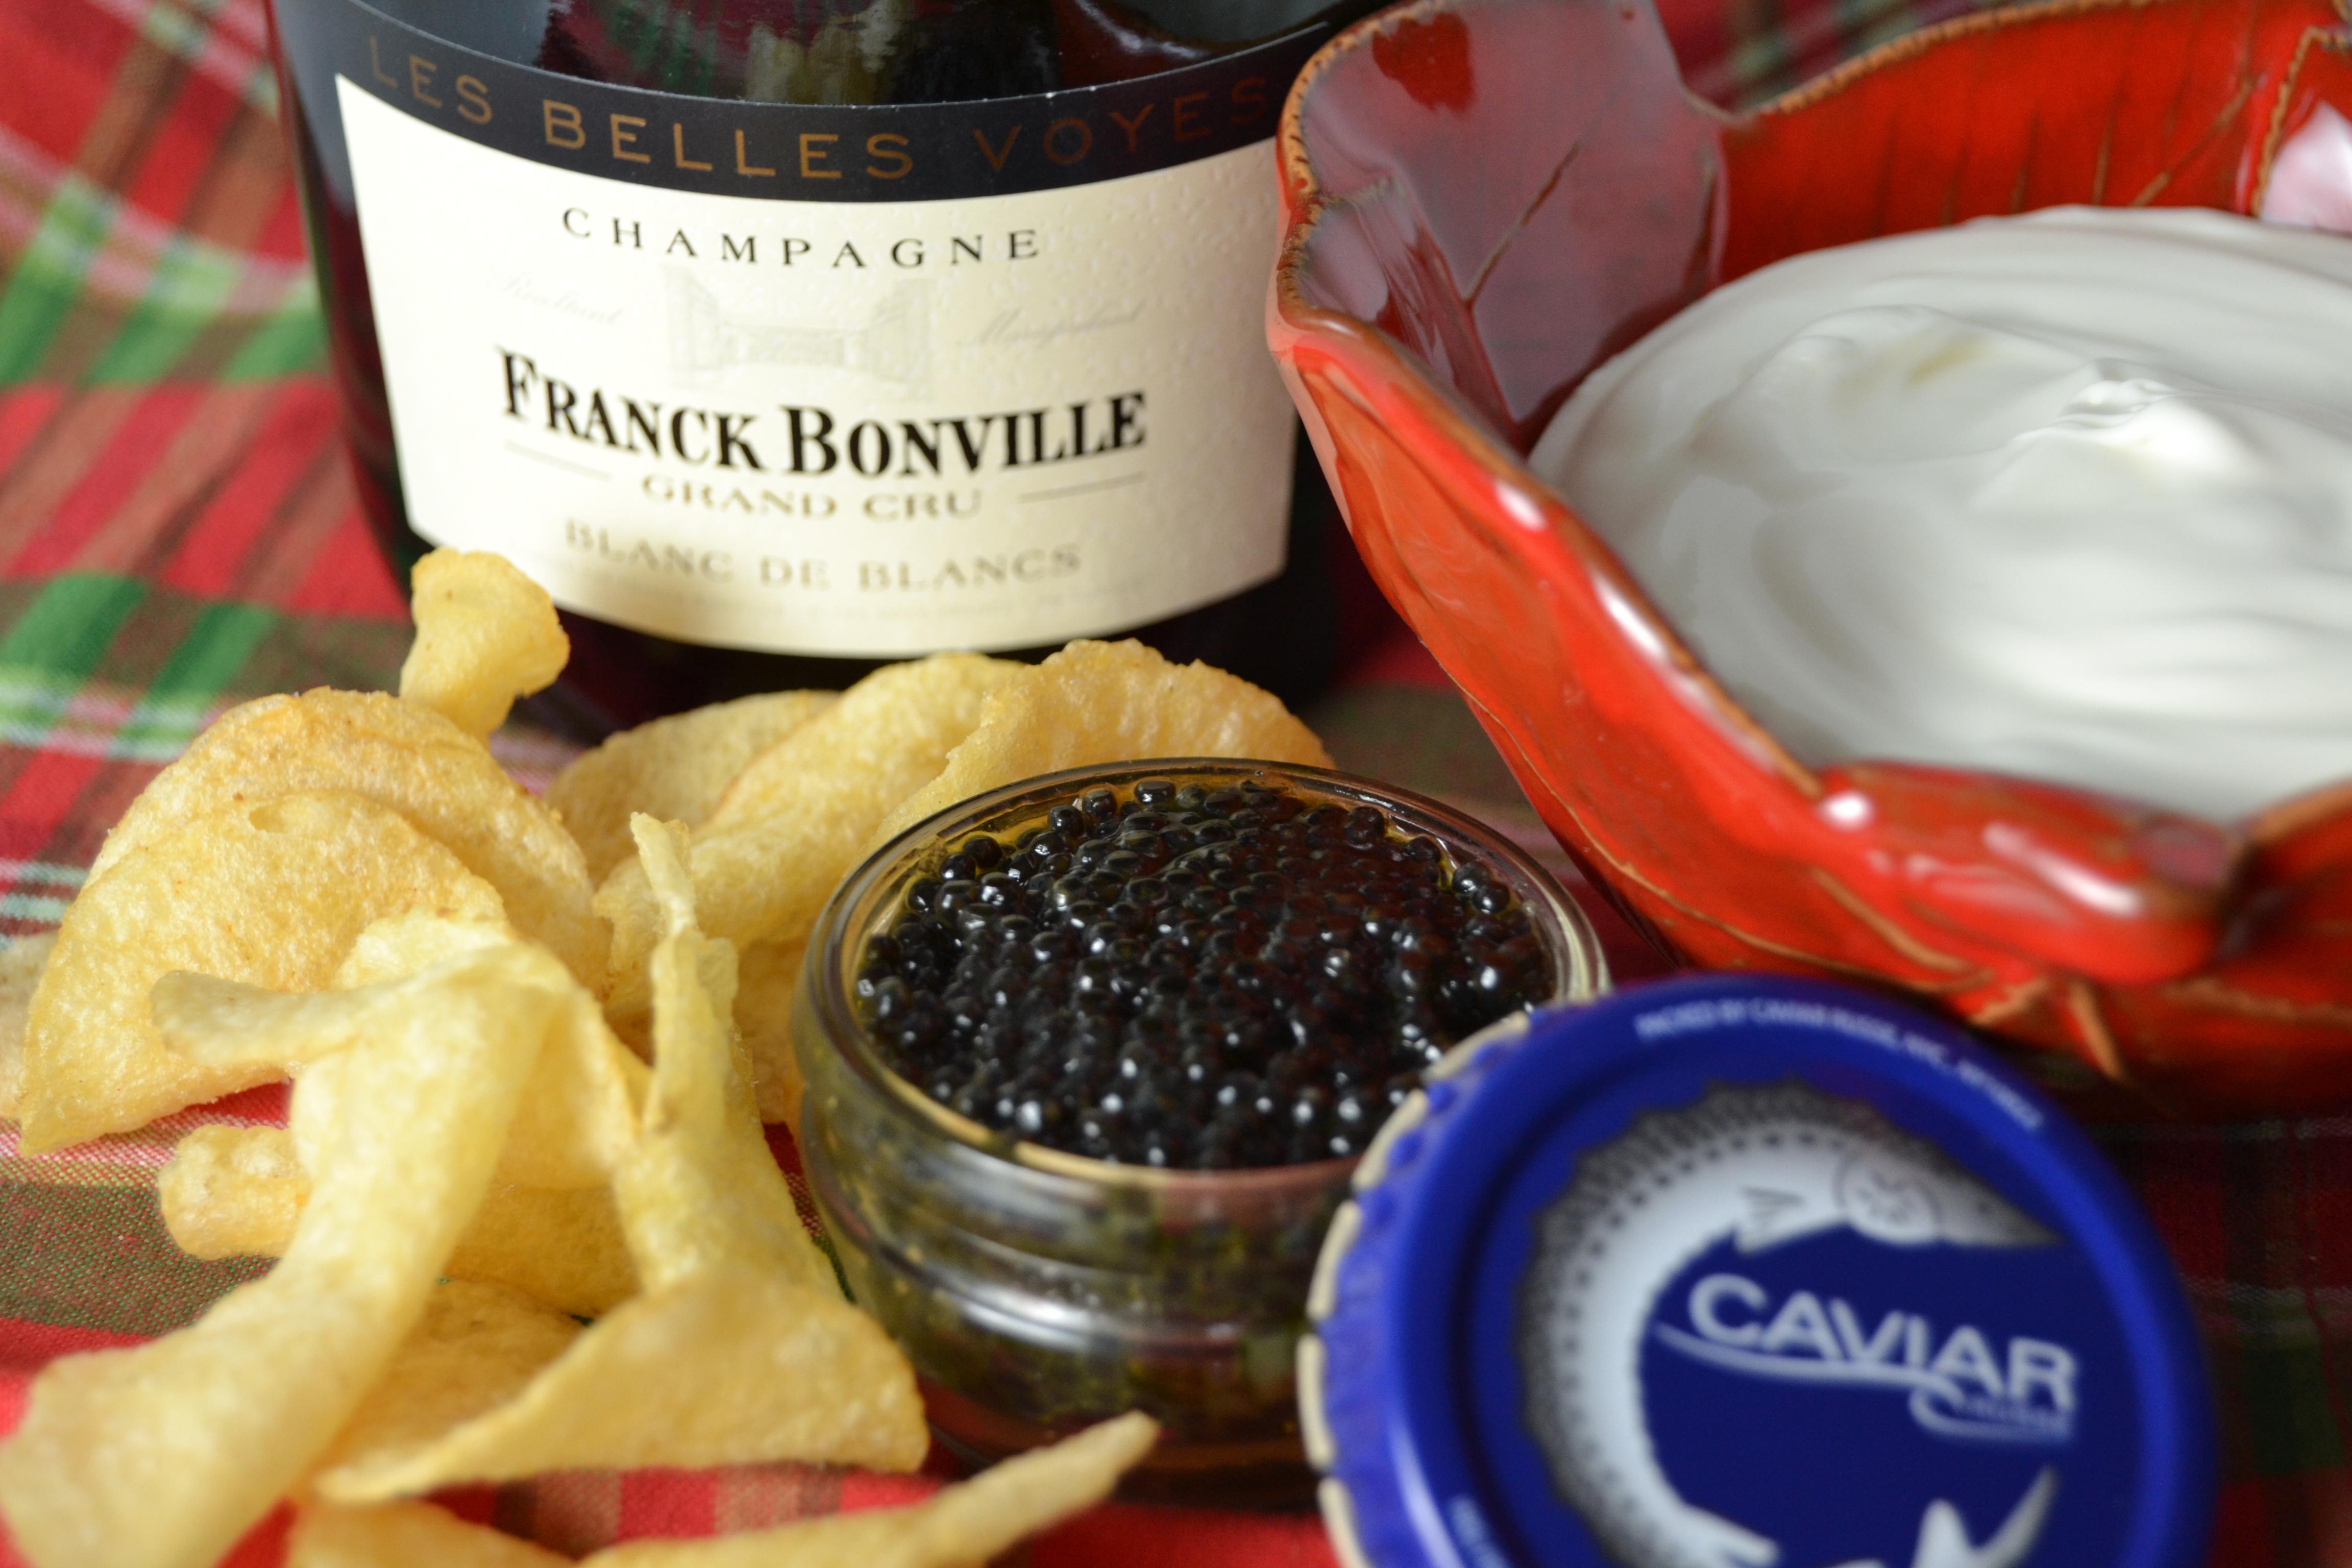 Caviar Dip